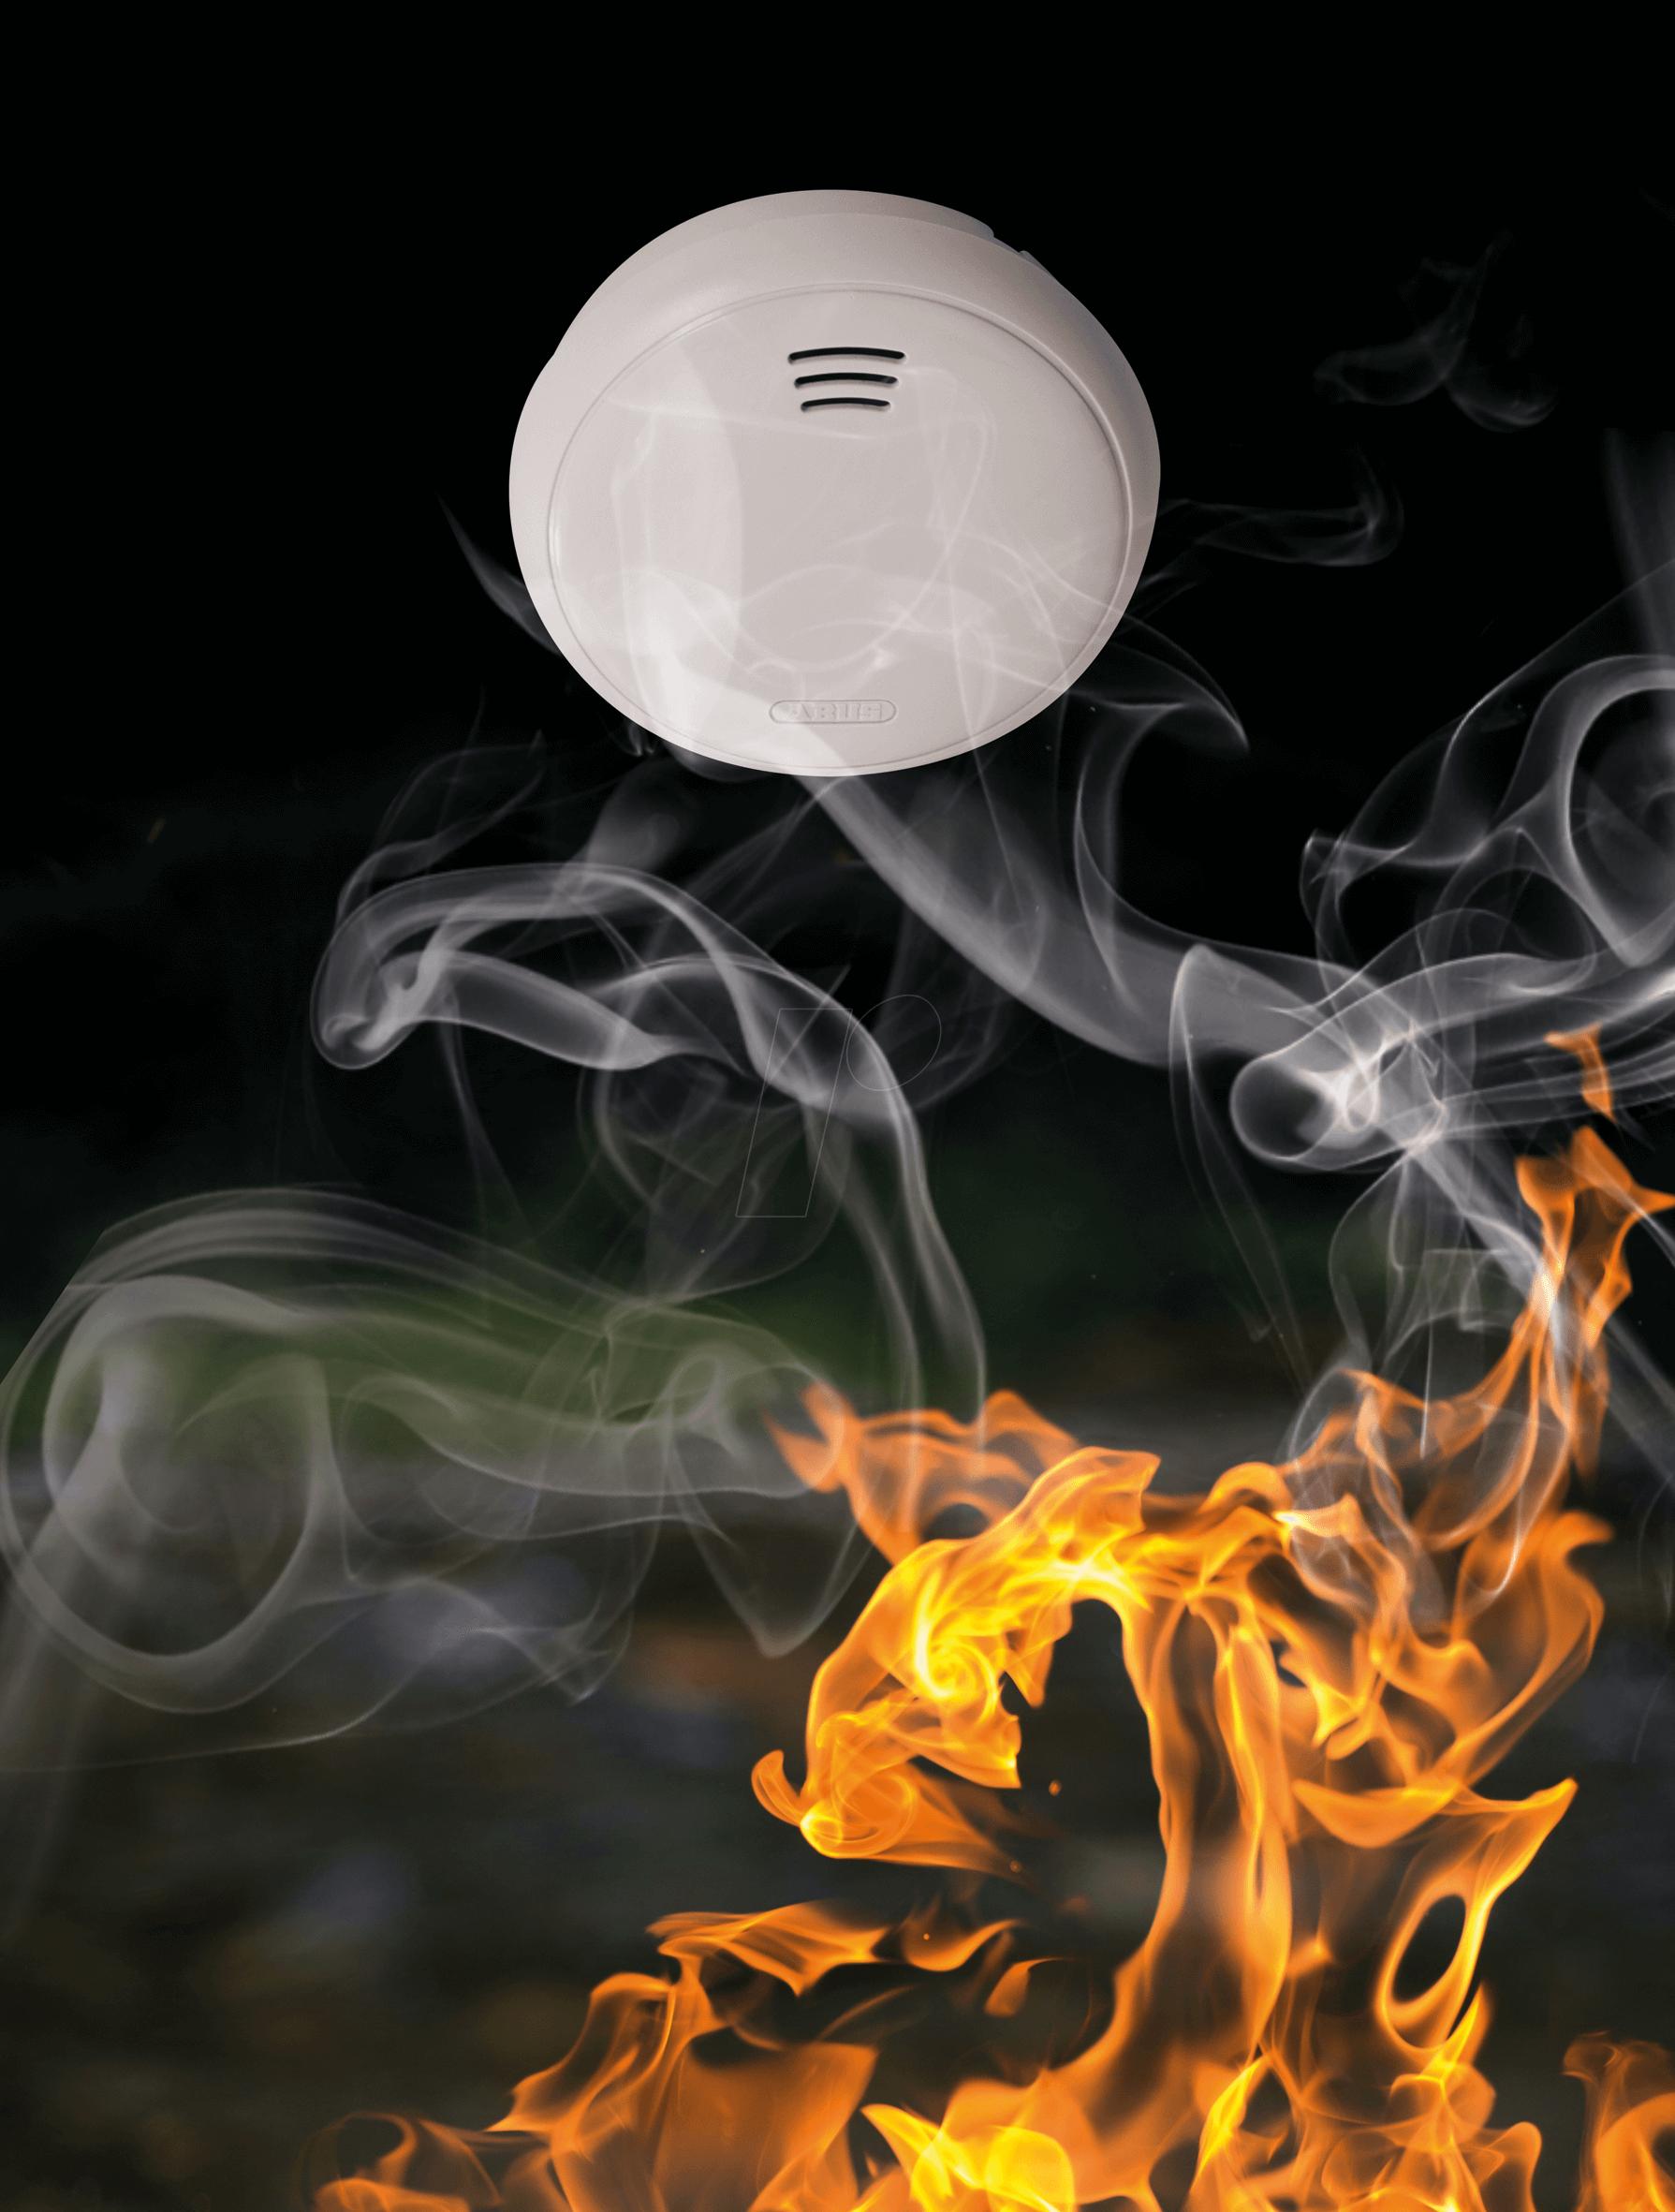 grwm 30500 rauchmelder mit 10 jahres batterie bei reichelt elektronik. Black Bedroom Furniture Sets. Home Design Ideas